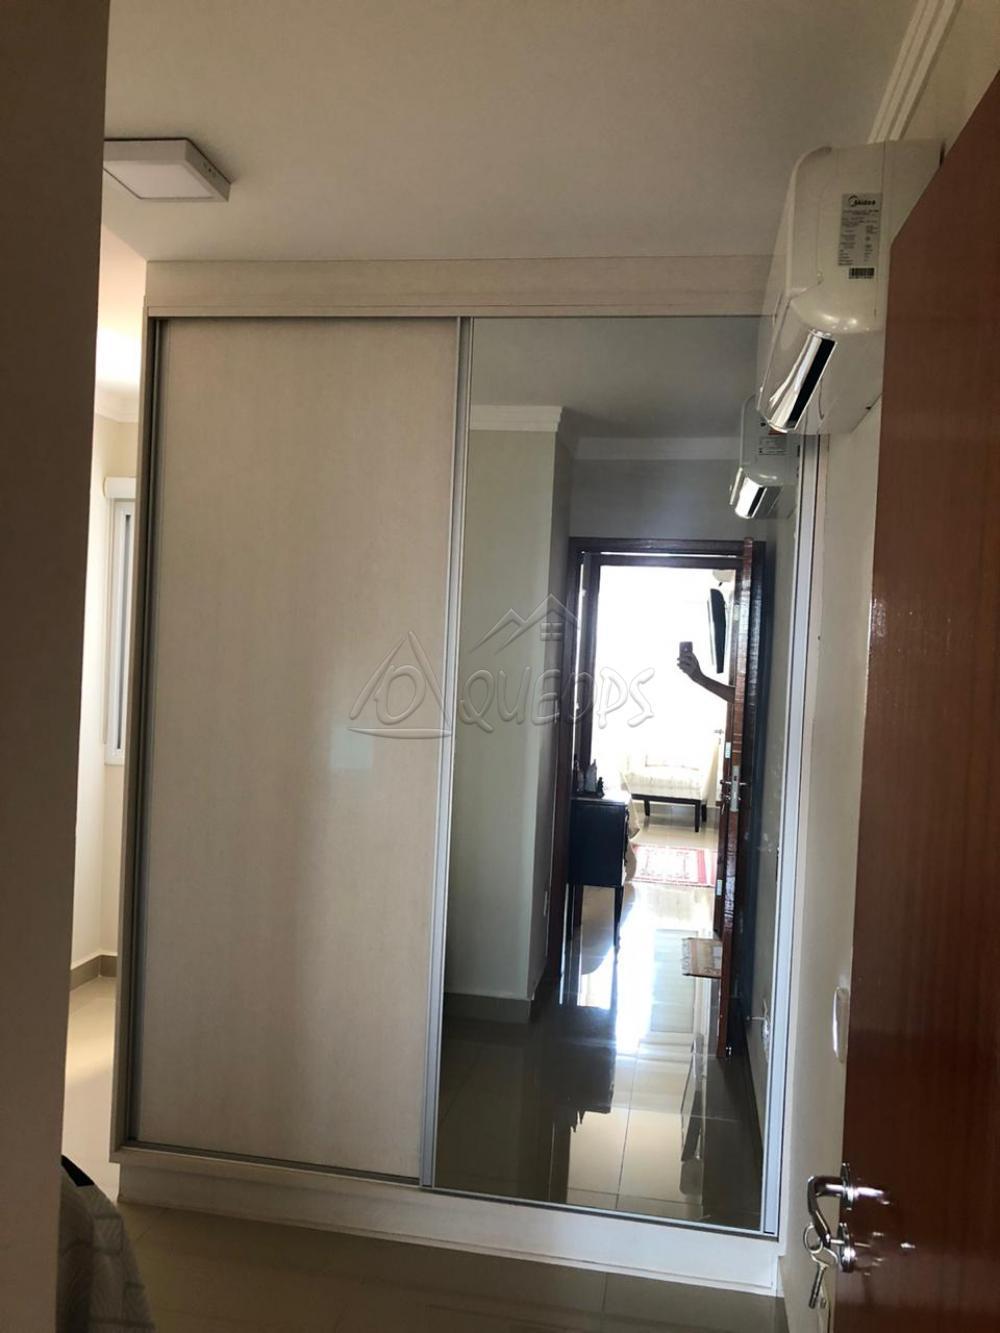 Comprar Apartamento / Padrão em Barretos apenas R$ 700.000,00 - Foto 21